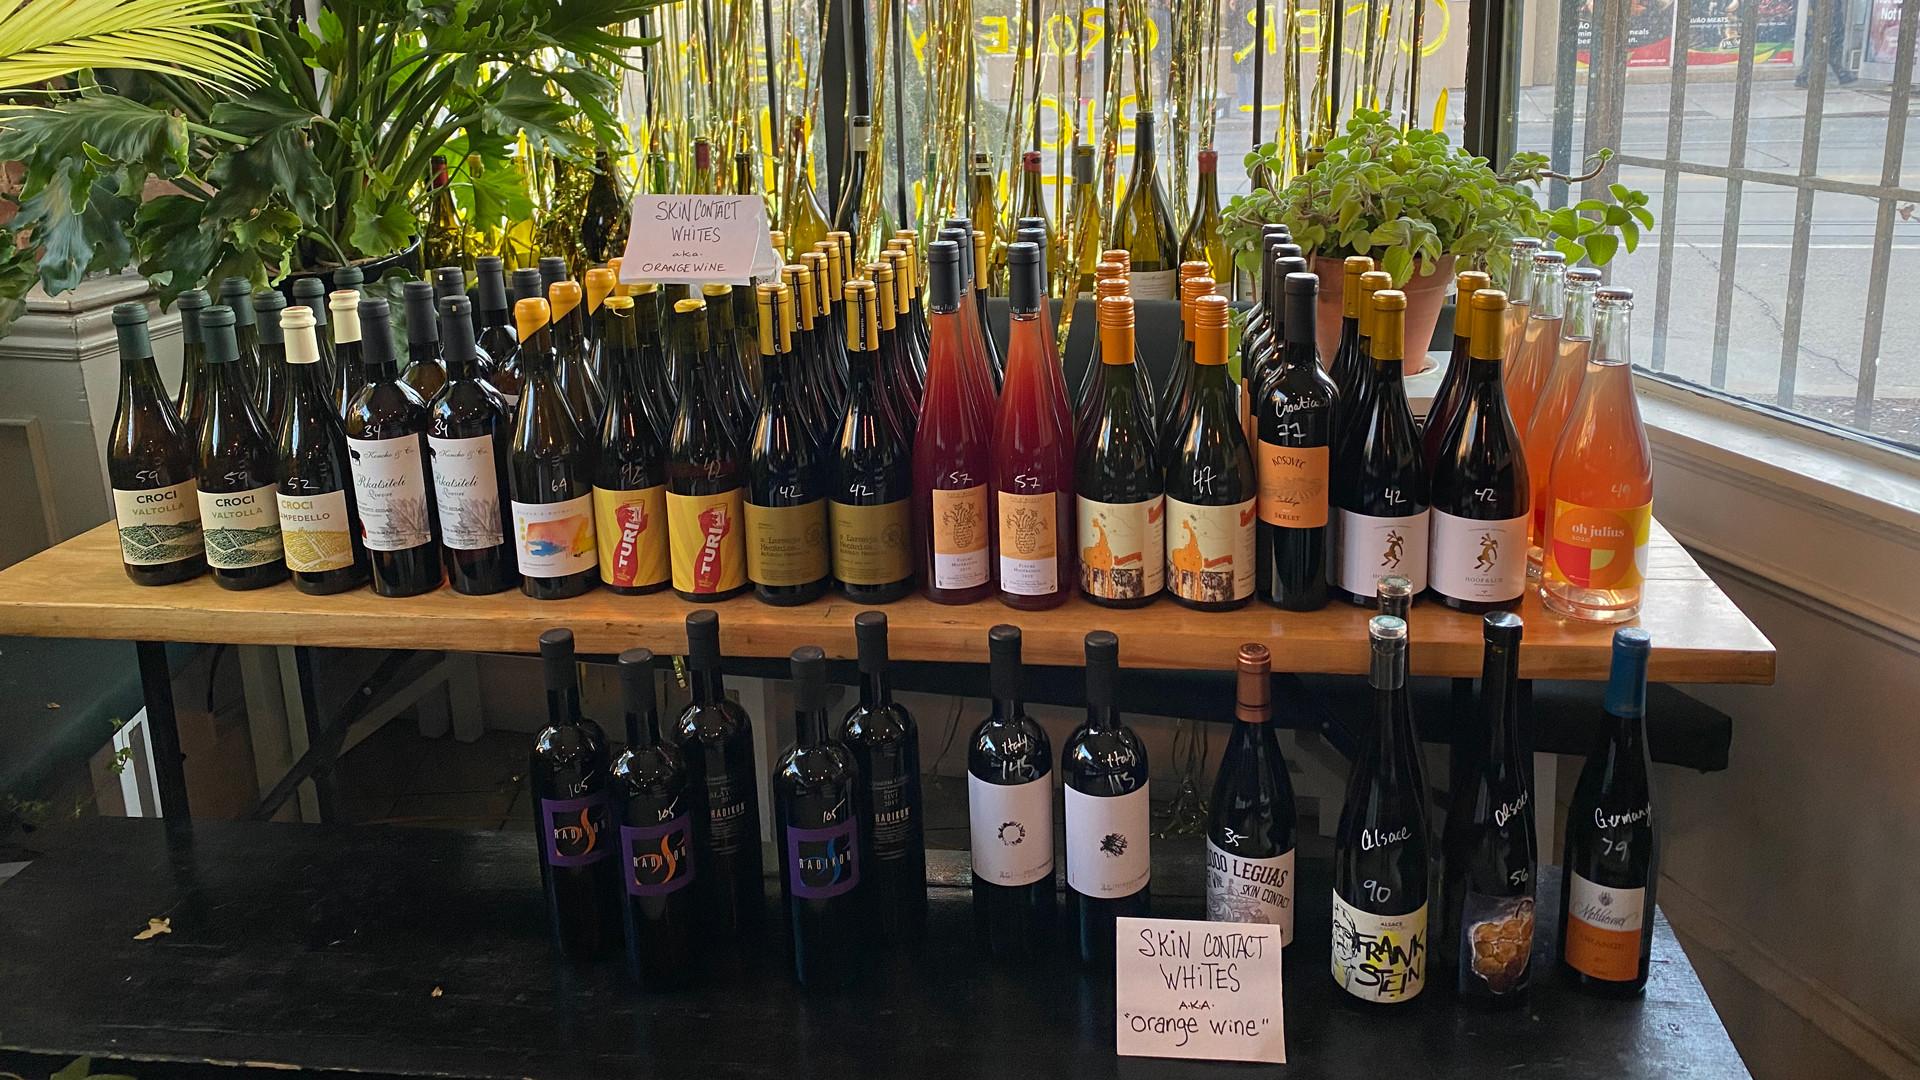 The best bottle shops in Toronto | A shelf of wine bottles at Midfield wine bar